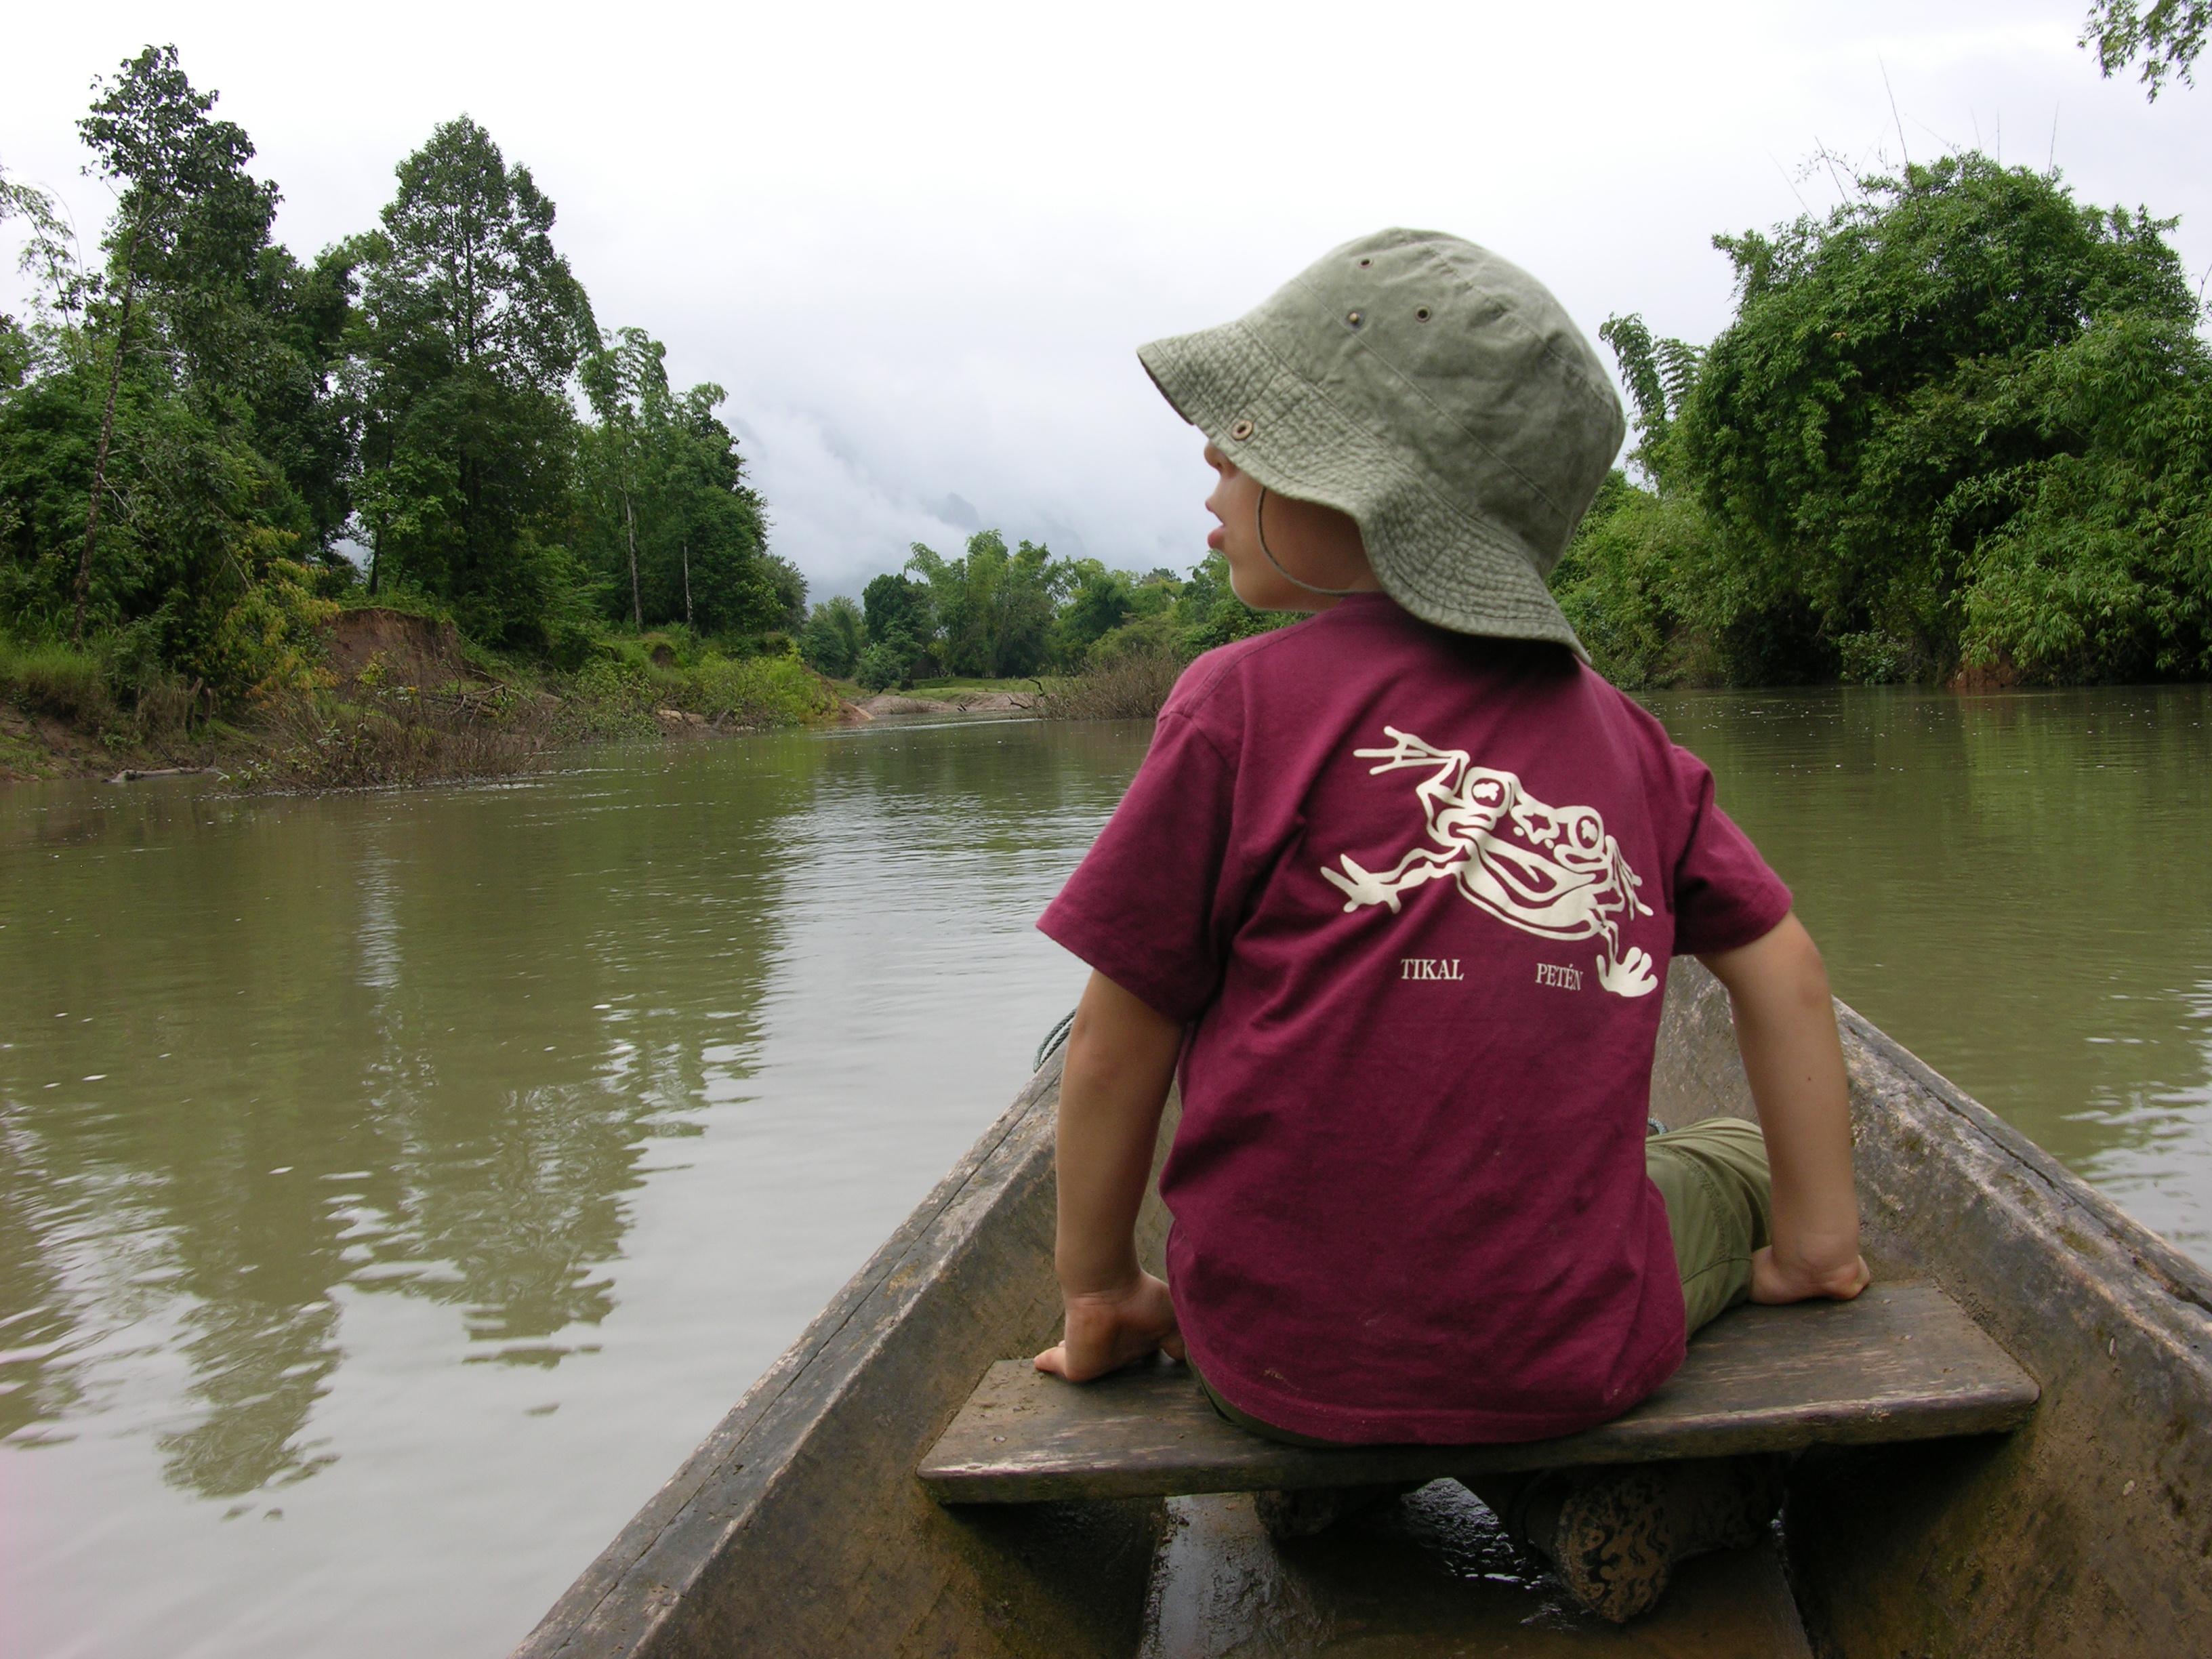 Racconti di viaggio: Laos si spengono le luci